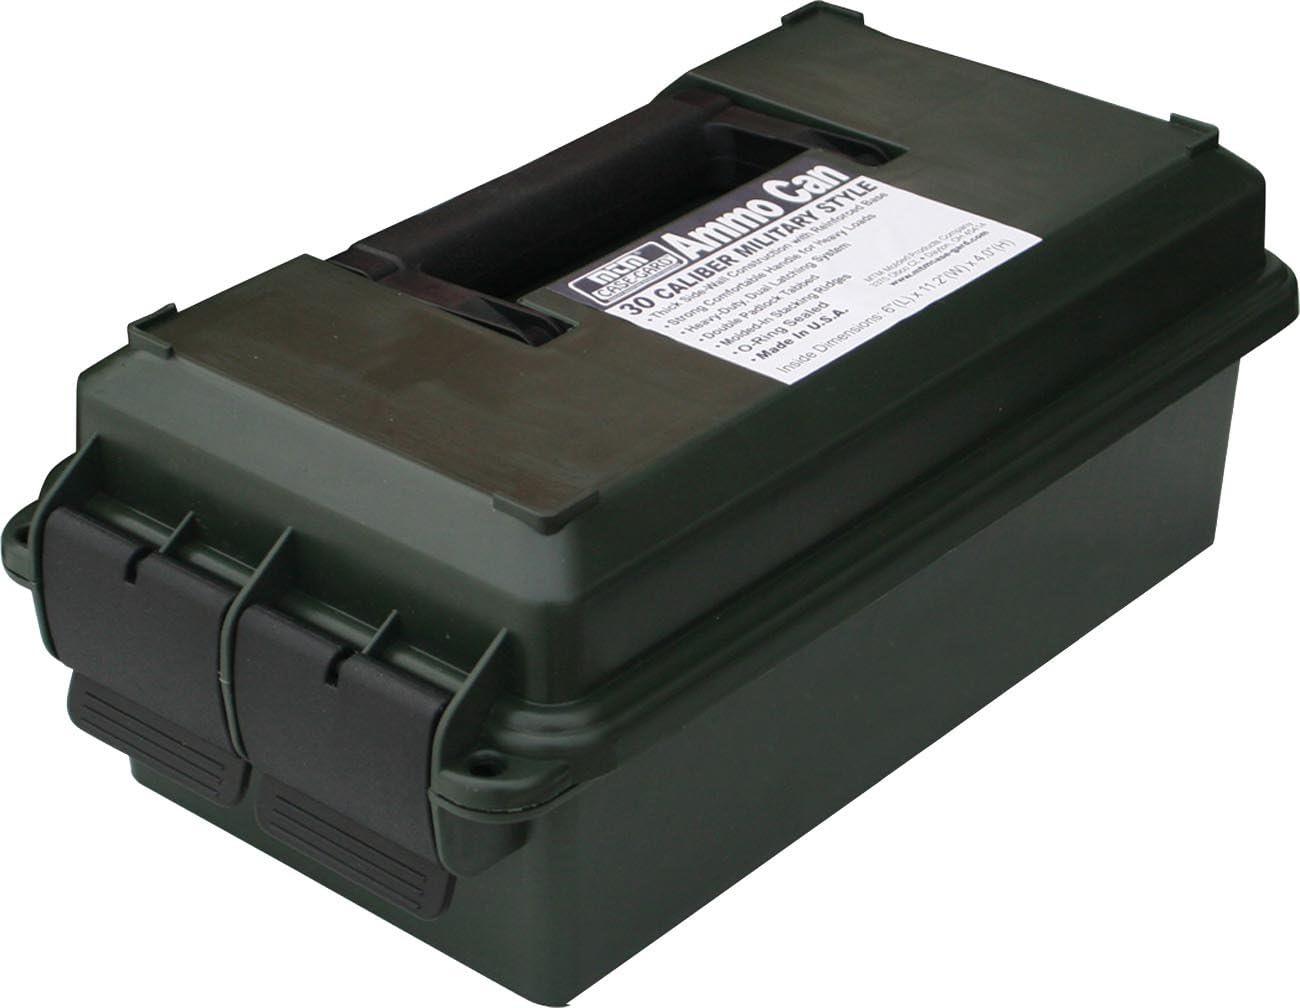 MTM 30 Caliber Ammo Can 61wiZ2BJ3ByL